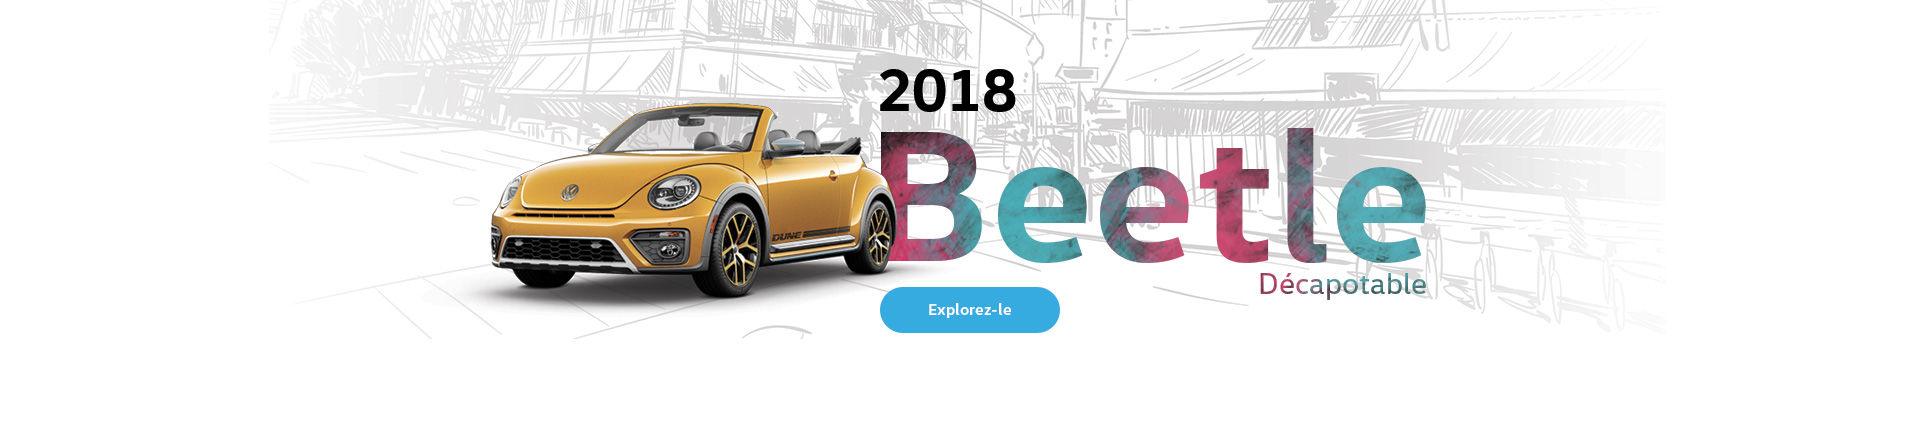 Beetle 2018